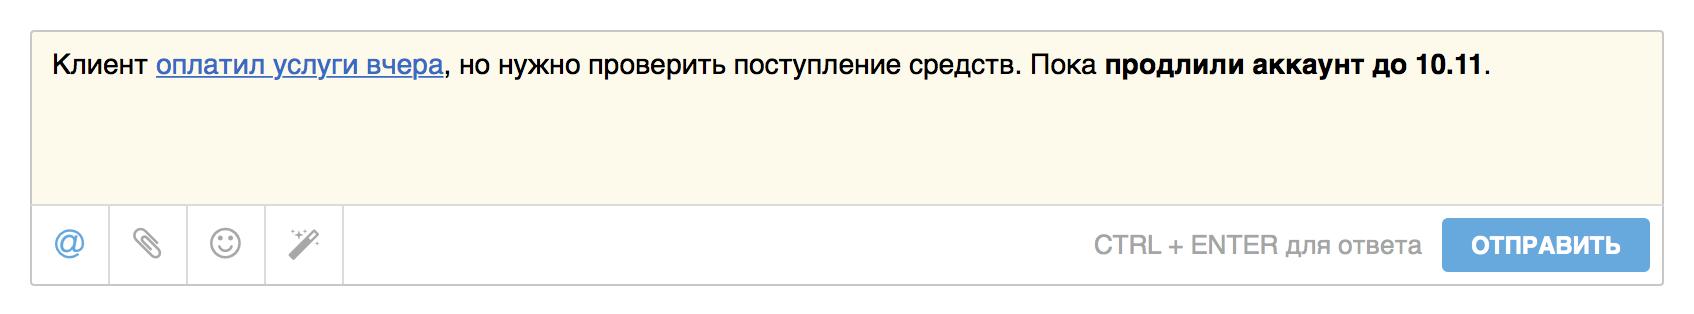 files.php?filename=fce02767d82cb912c8ffb